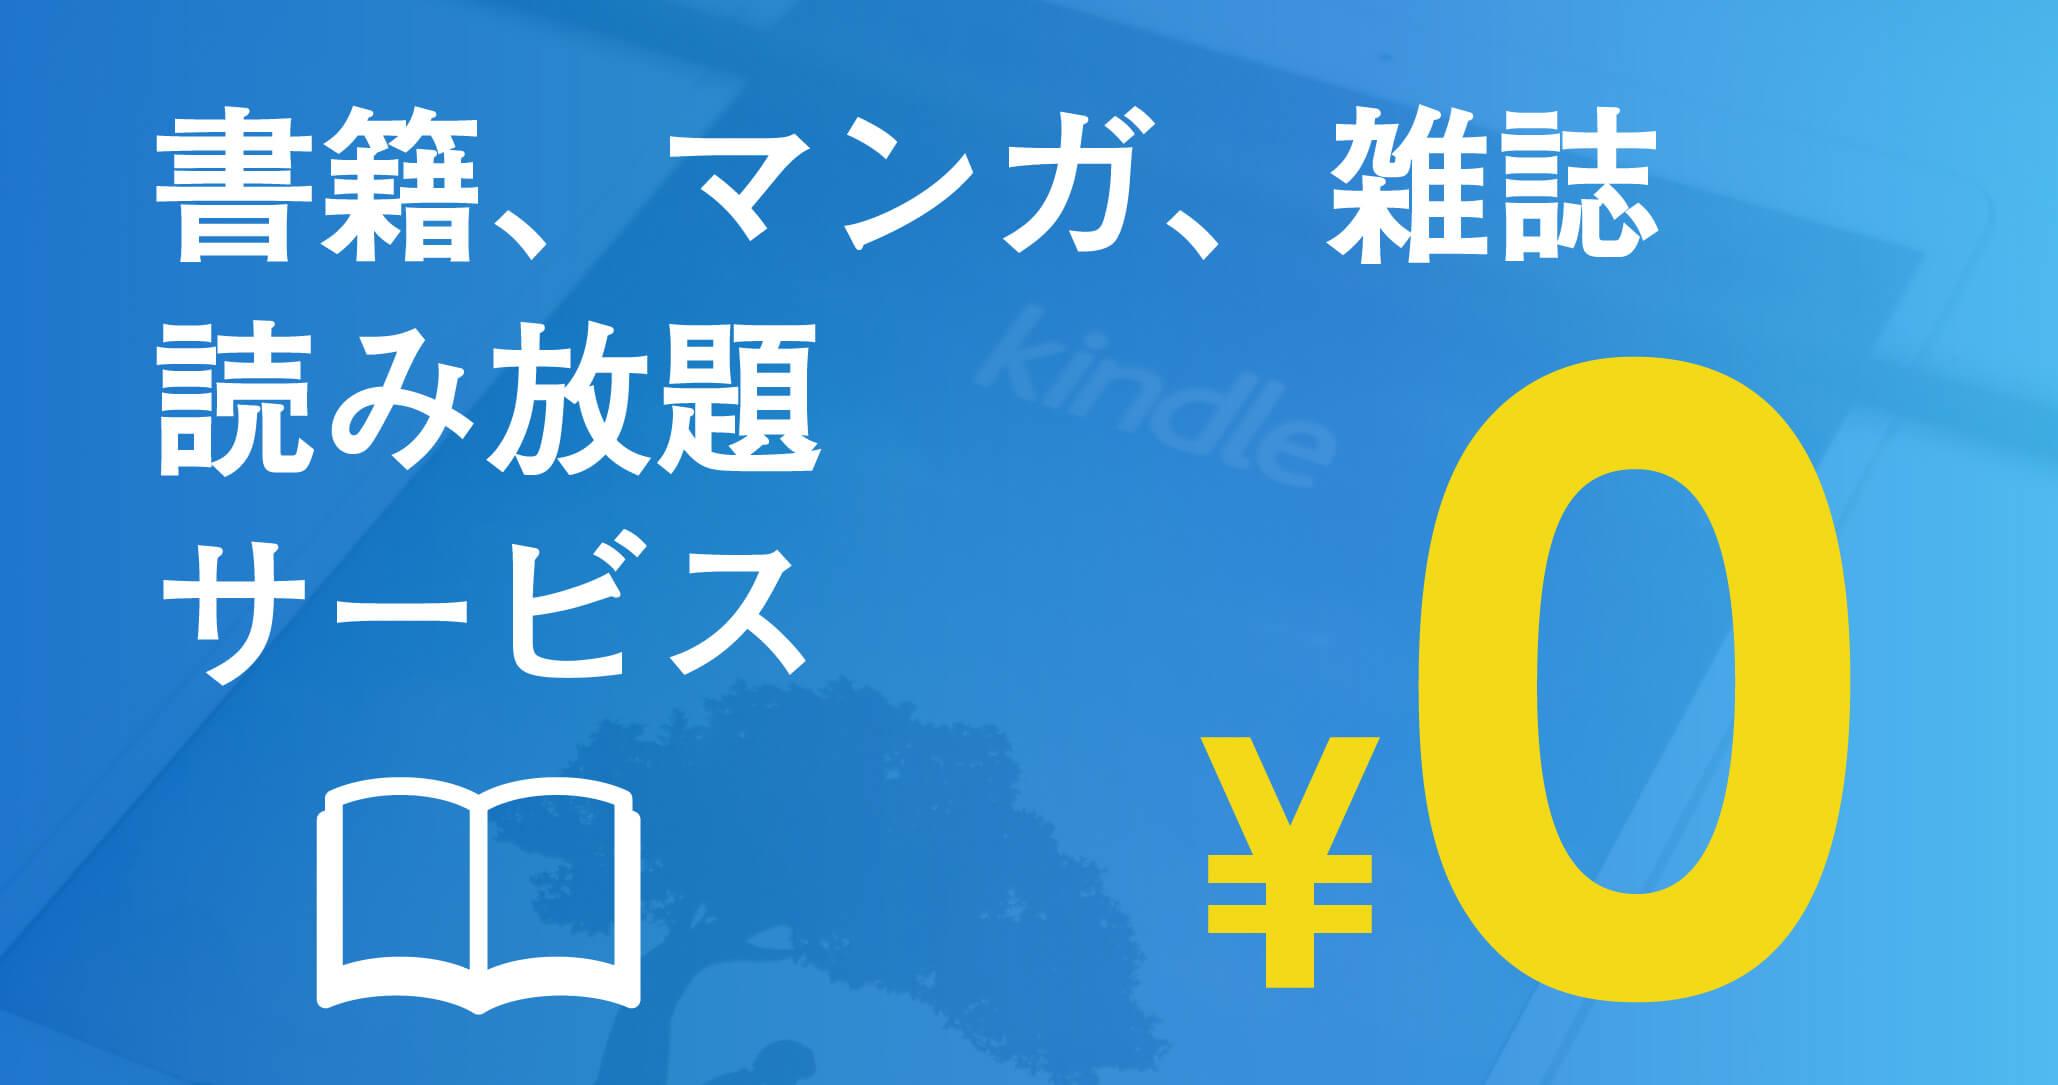 書籍、マンガ、雑誌 読み放題 サービス¥0